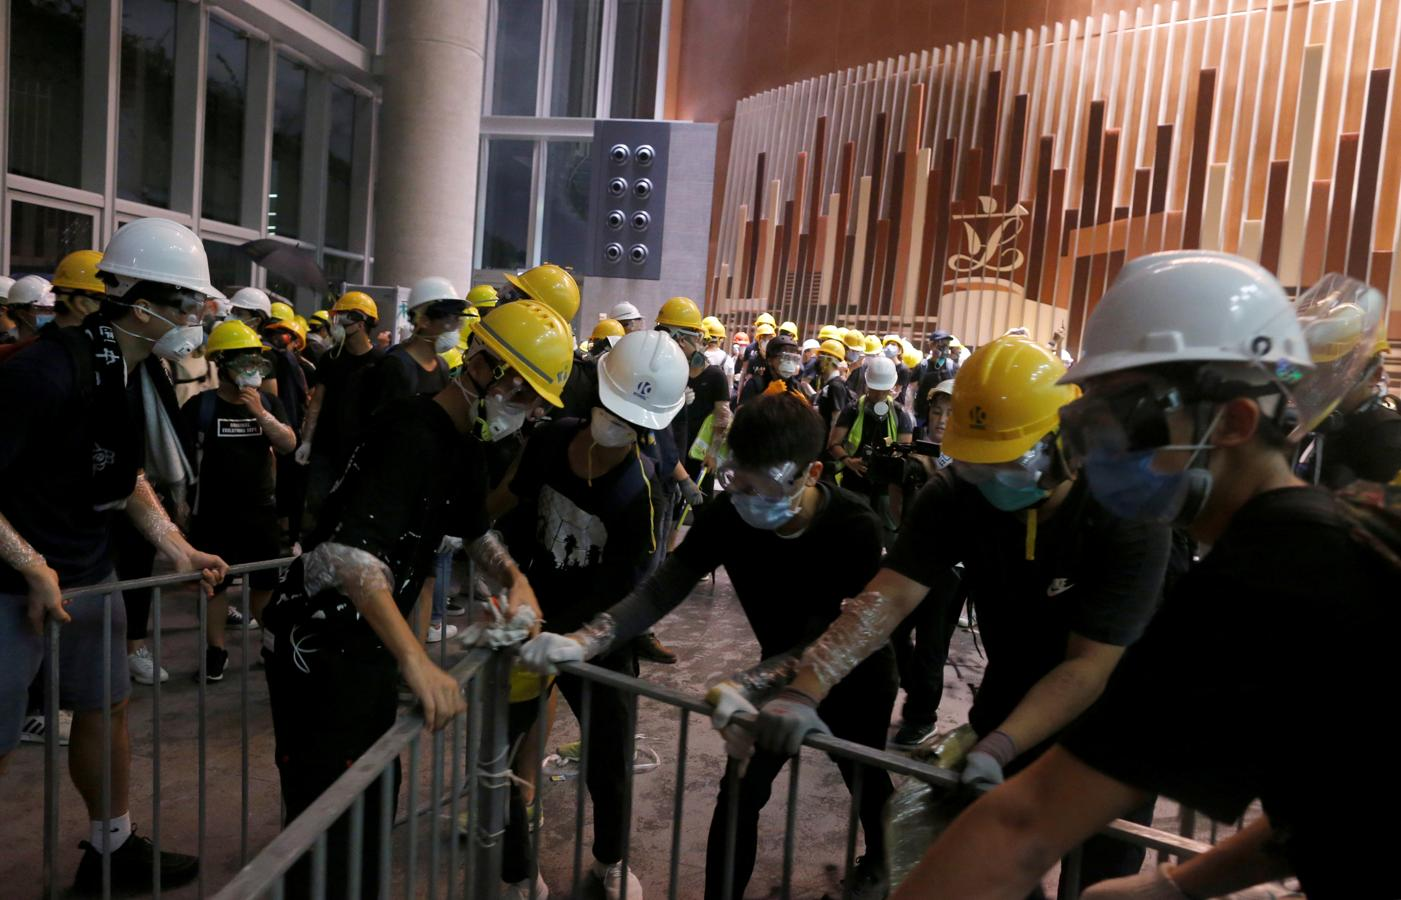 Los manifestantes utilizan barras de metal para romper las puertas y ventanas de cristal de la sede del gobierno en Hong Kong